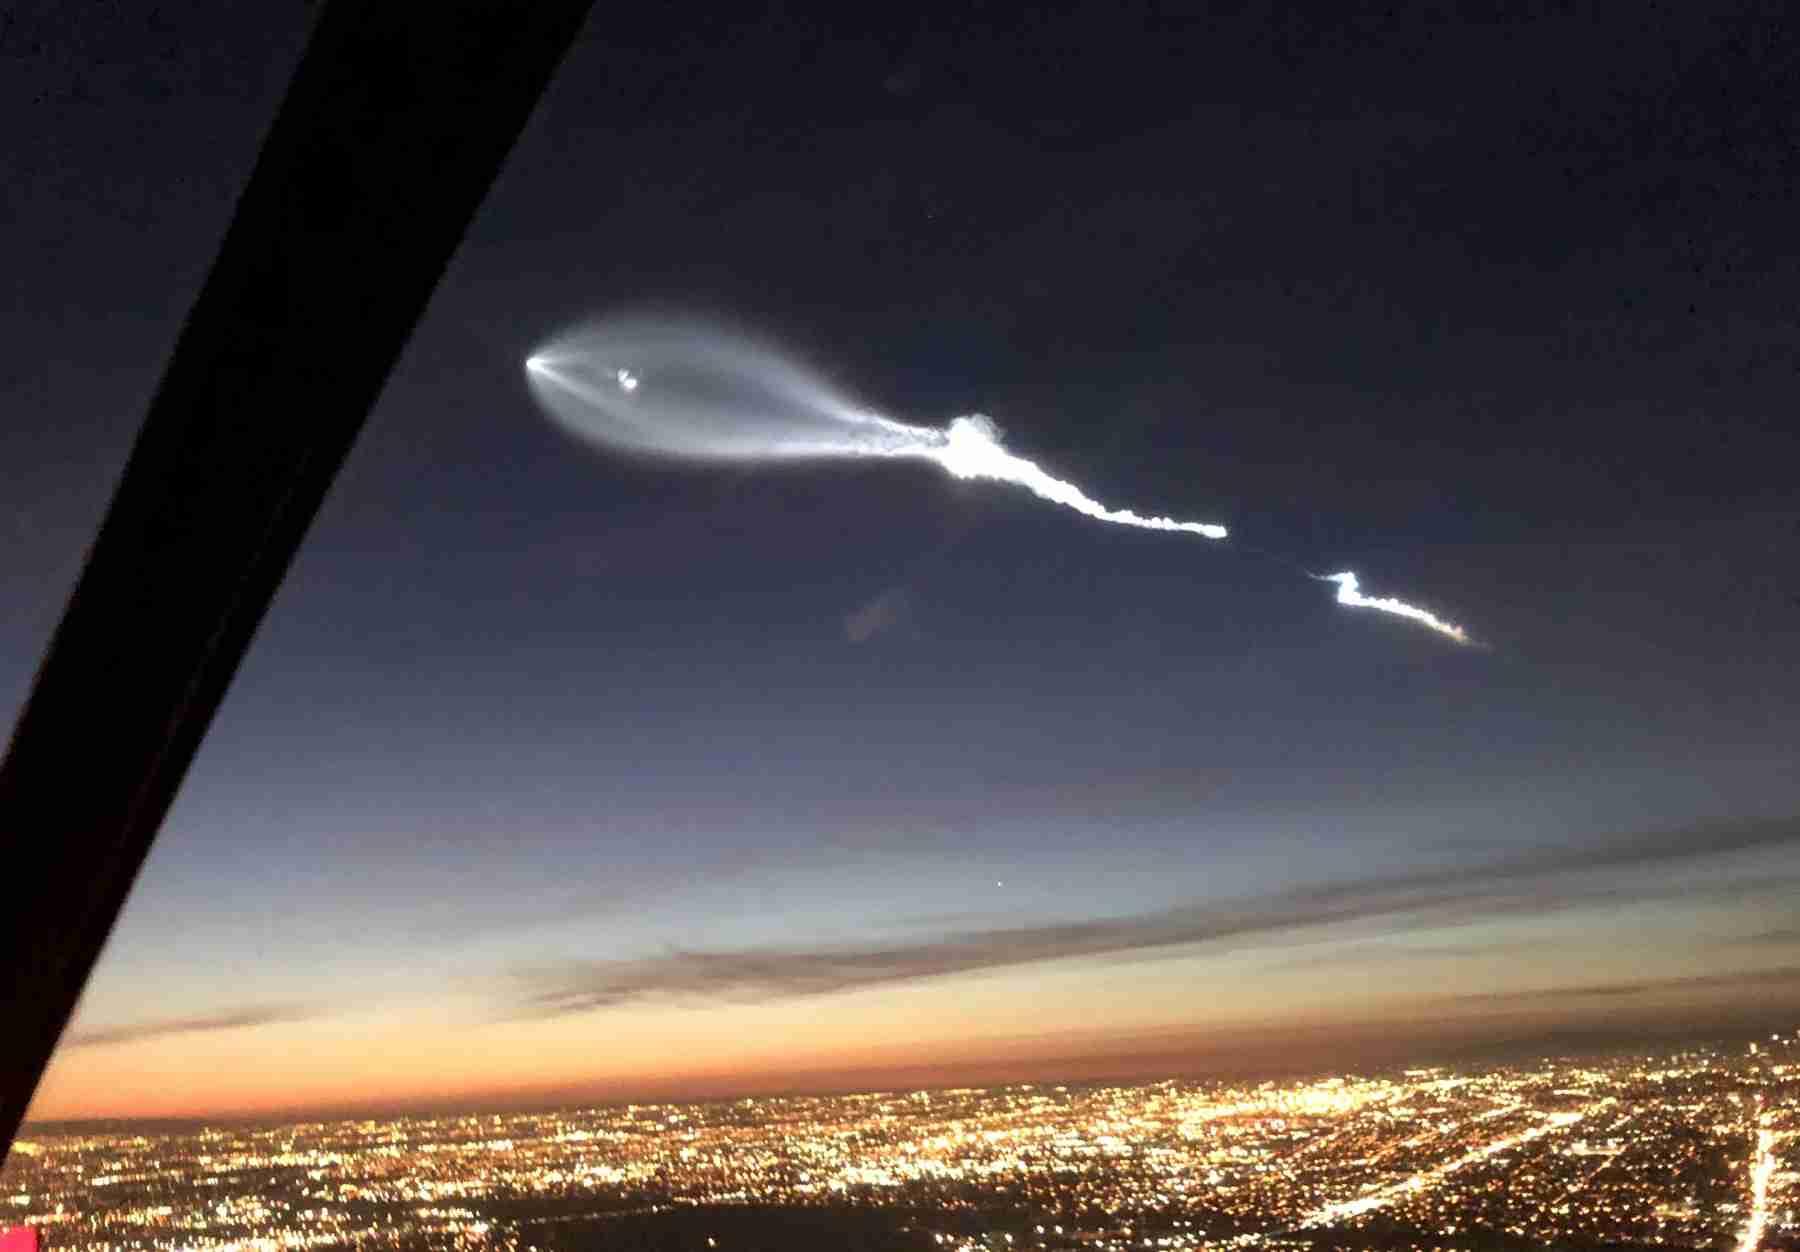 夕刻のLAに謎の飛行物体が出現し、一時SNSが騒然。実はSpaceXのFalcon 9ロケット - Engadget 日本版